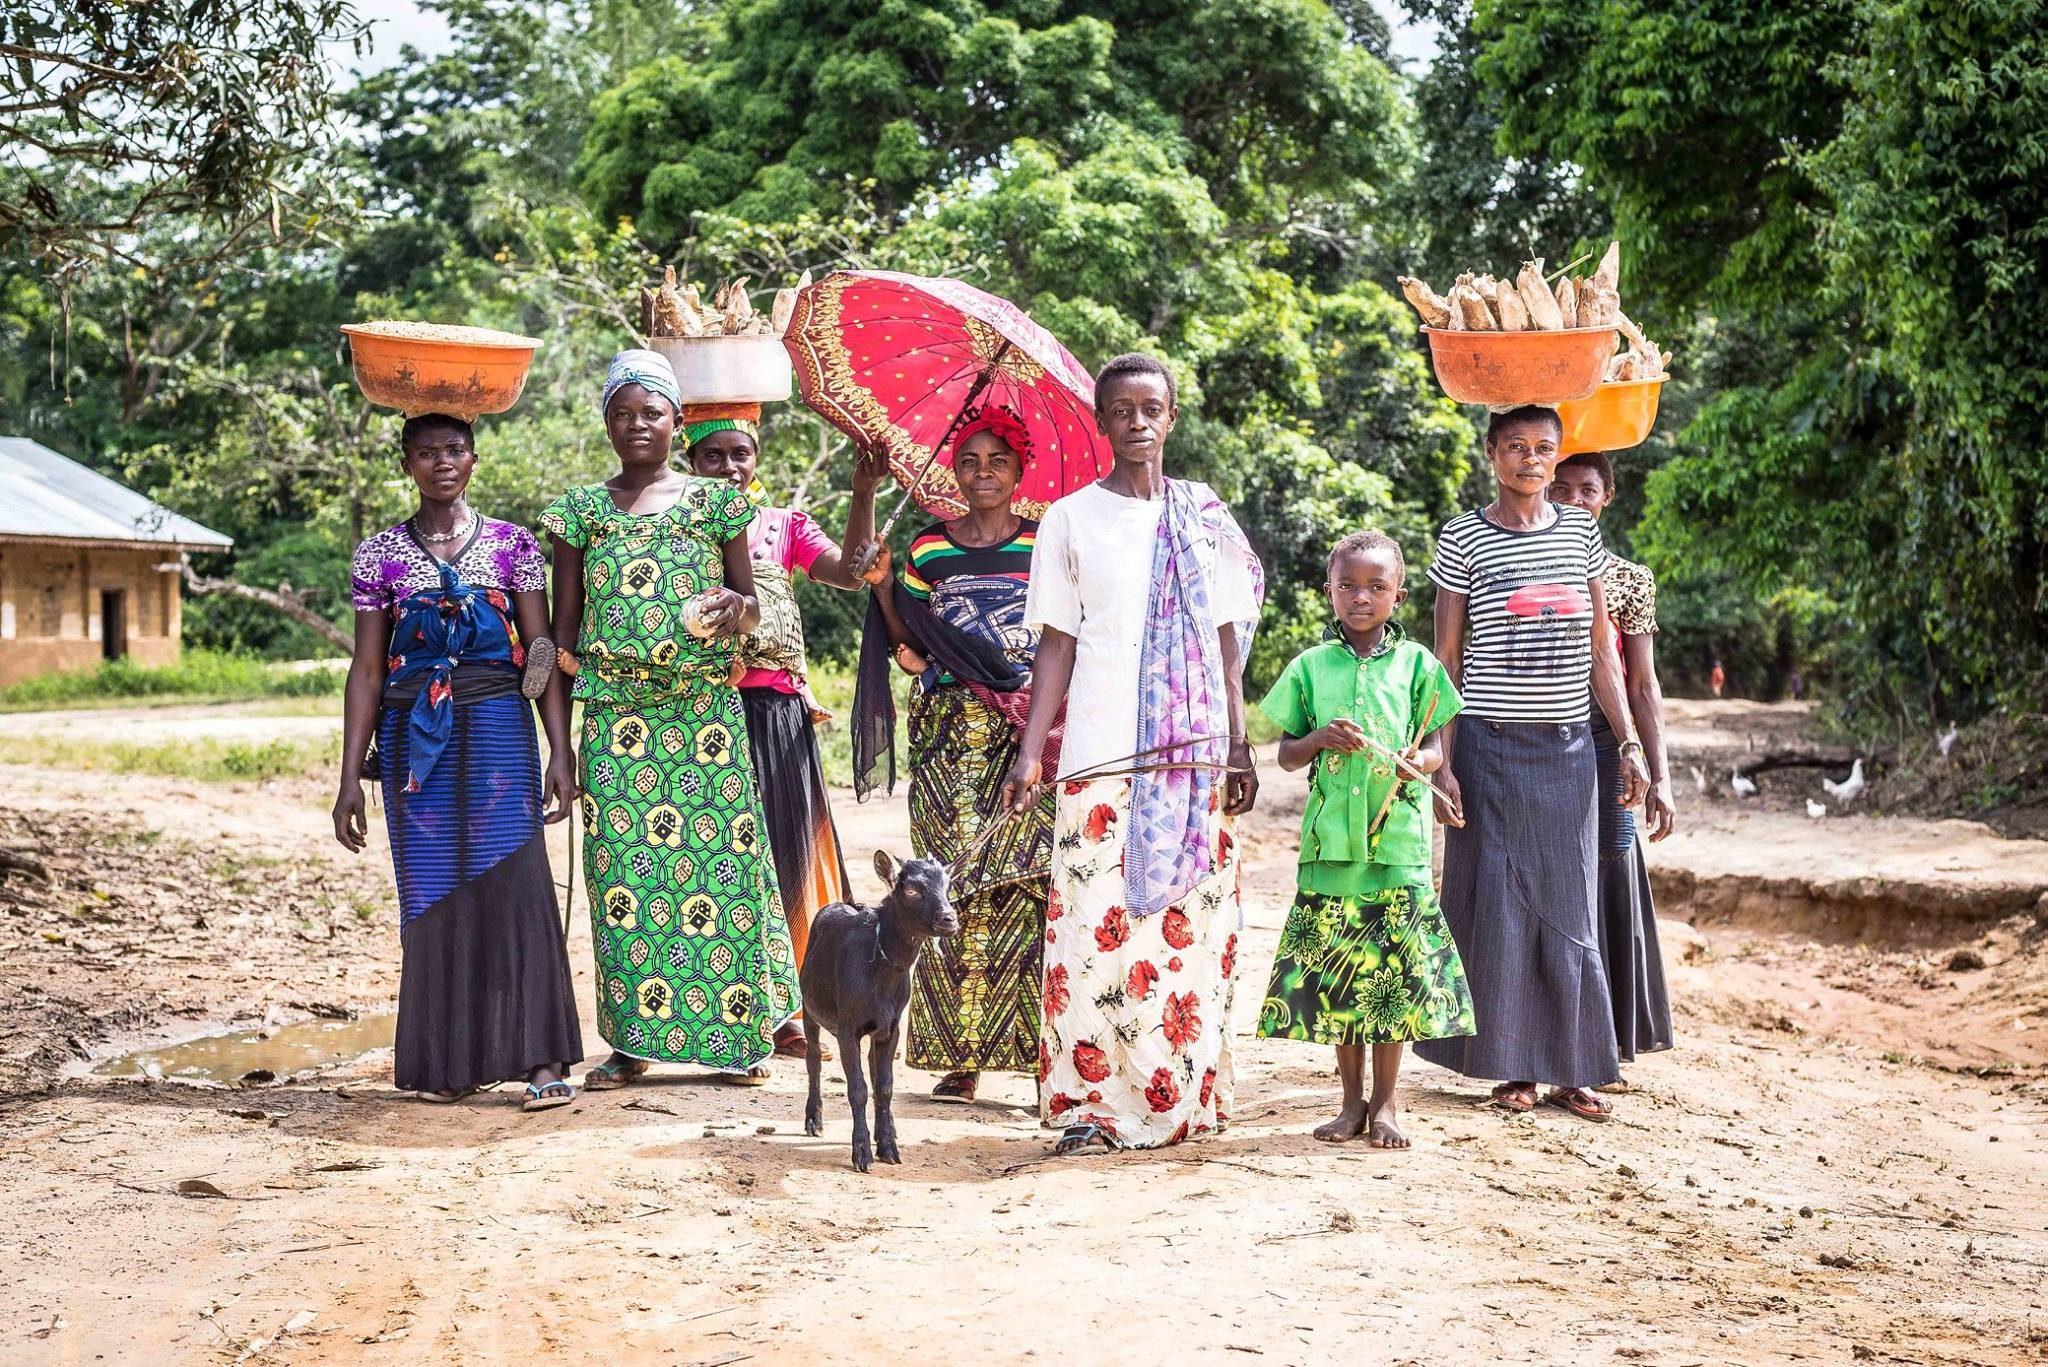 Femmes sur le chemin de Wamaza, Maniema. République démocratique du Congo, 2014.